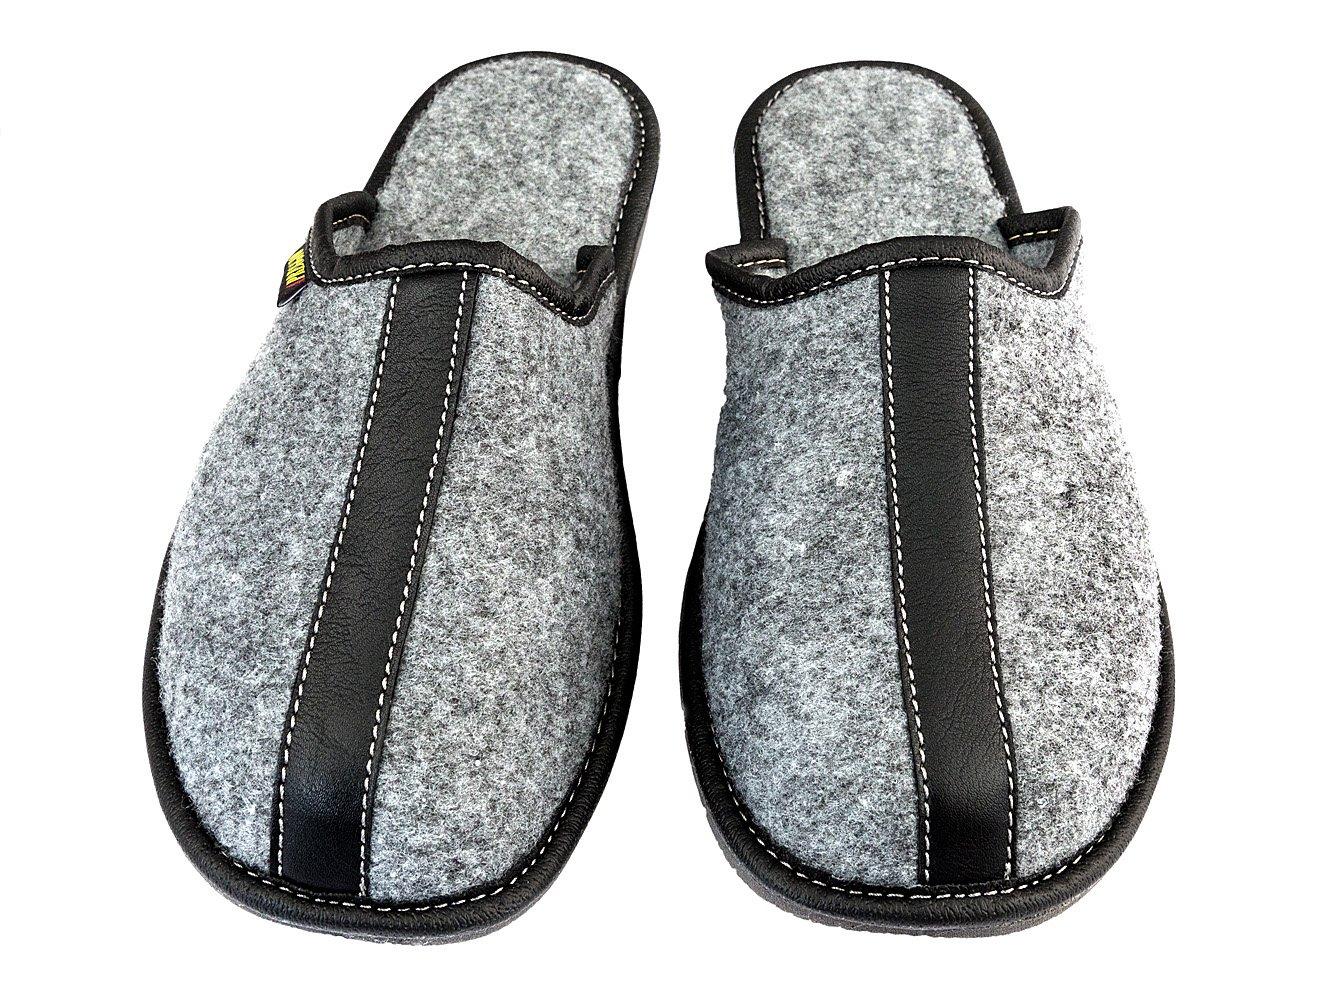 Filzpantoffeln Herren Filz Hausschuhe Filzlatschen Wärme Komfortschuhe Grau Handgemachte Qualität (44, Alfonso)